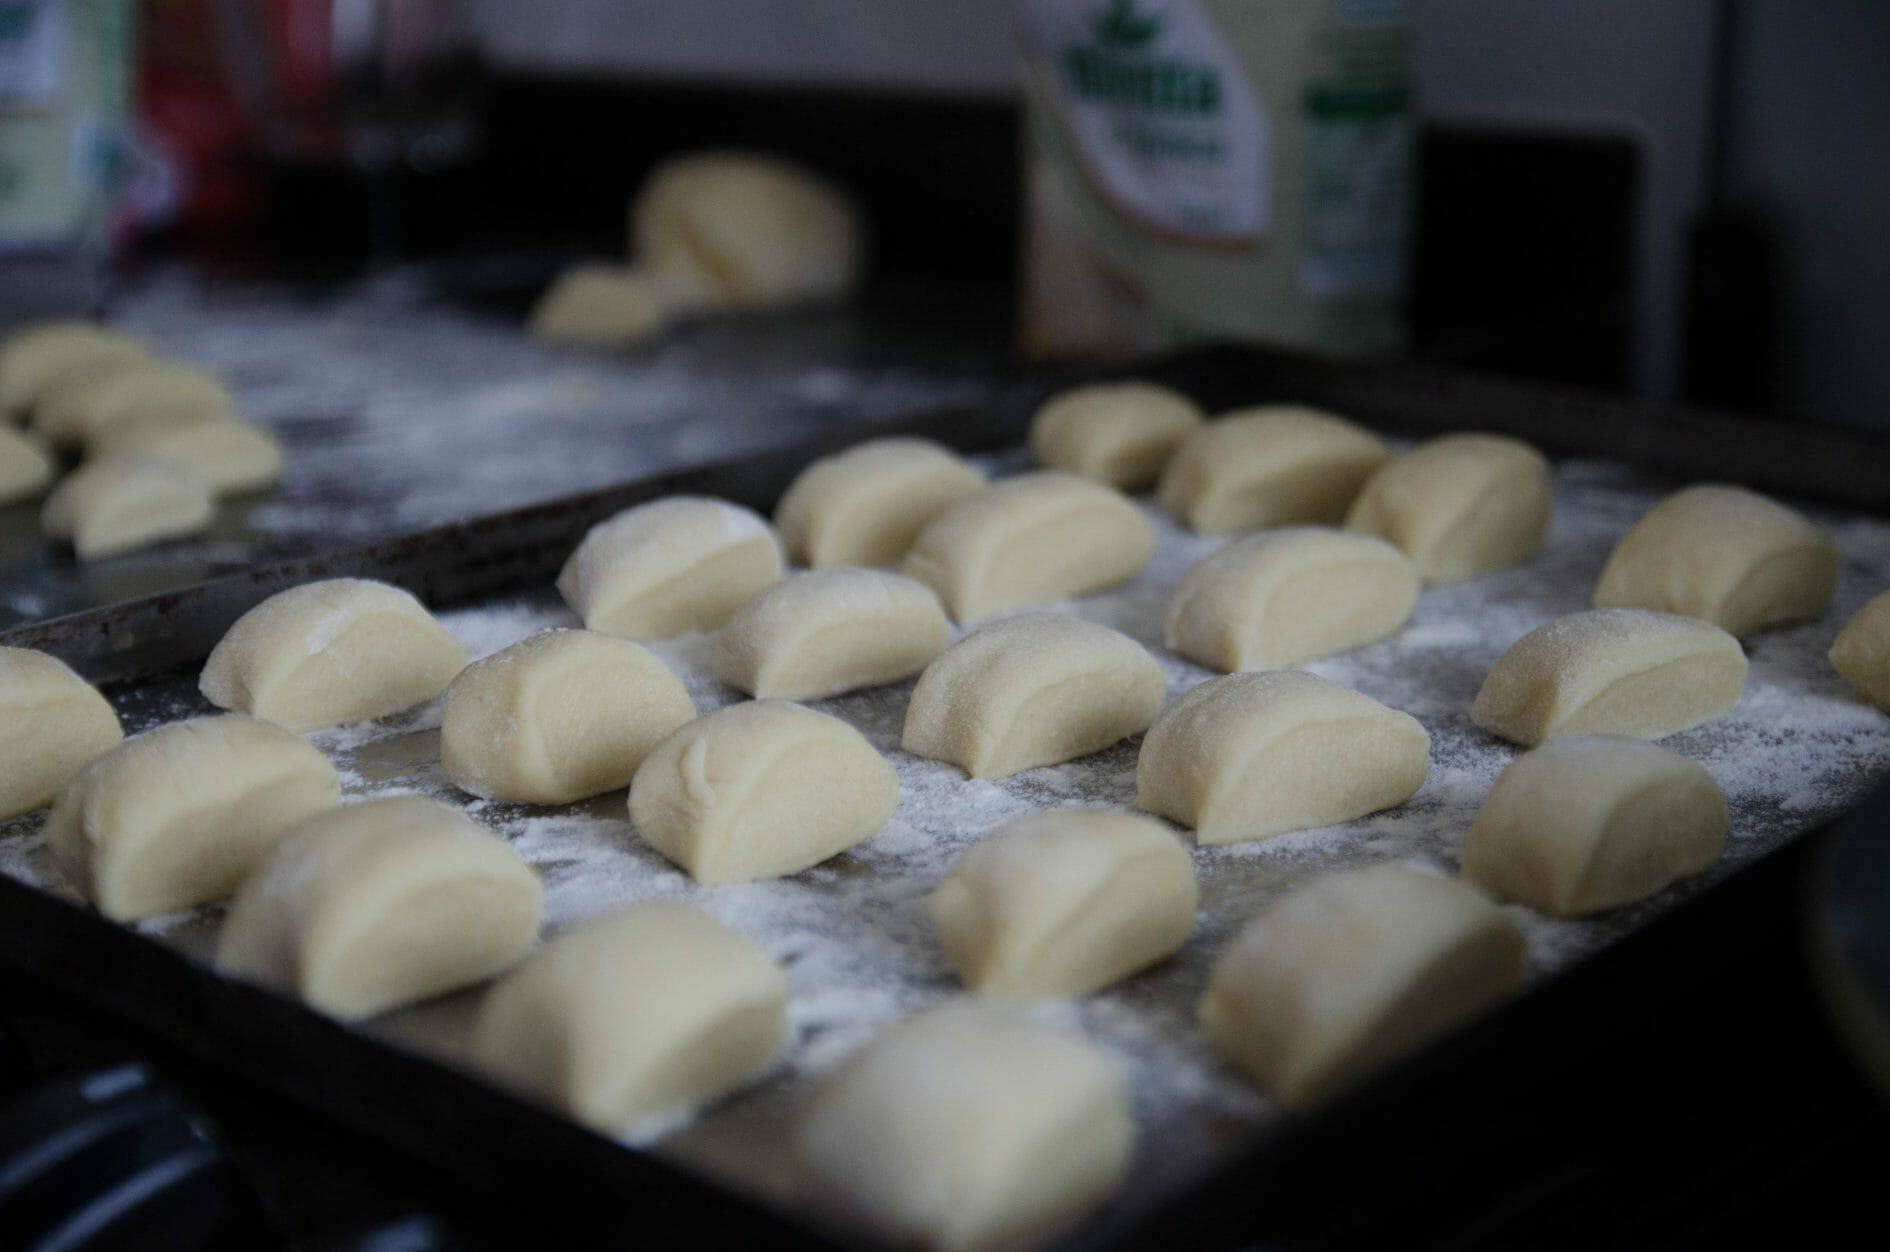 Pãozinho tipo bisnaguinha feito com leite em pó para congelar